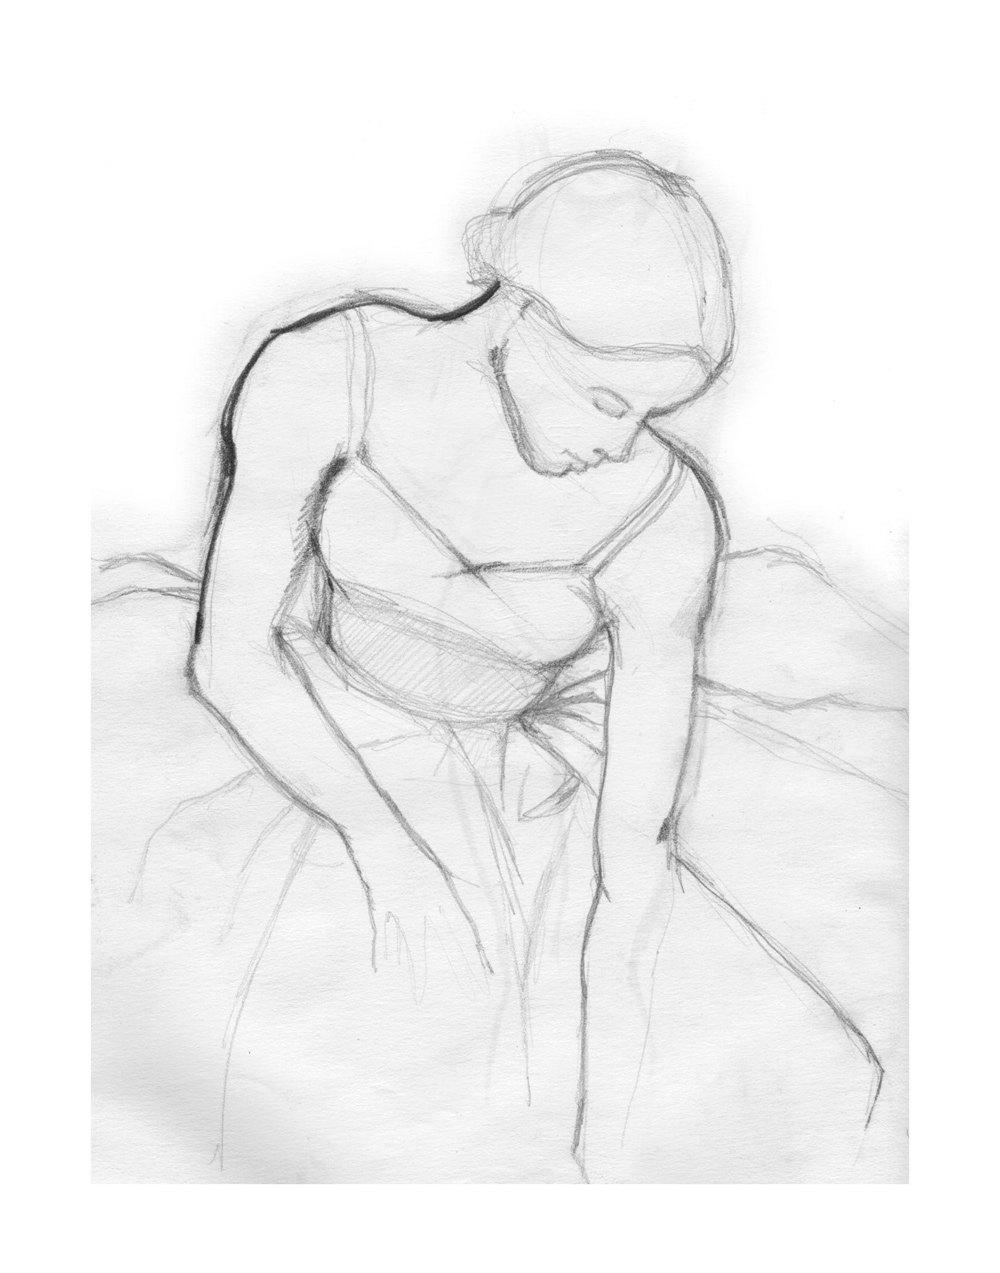 1000x1273 Ballerina Pencil Sketch Pencil Sketch With Dancing Ballerina